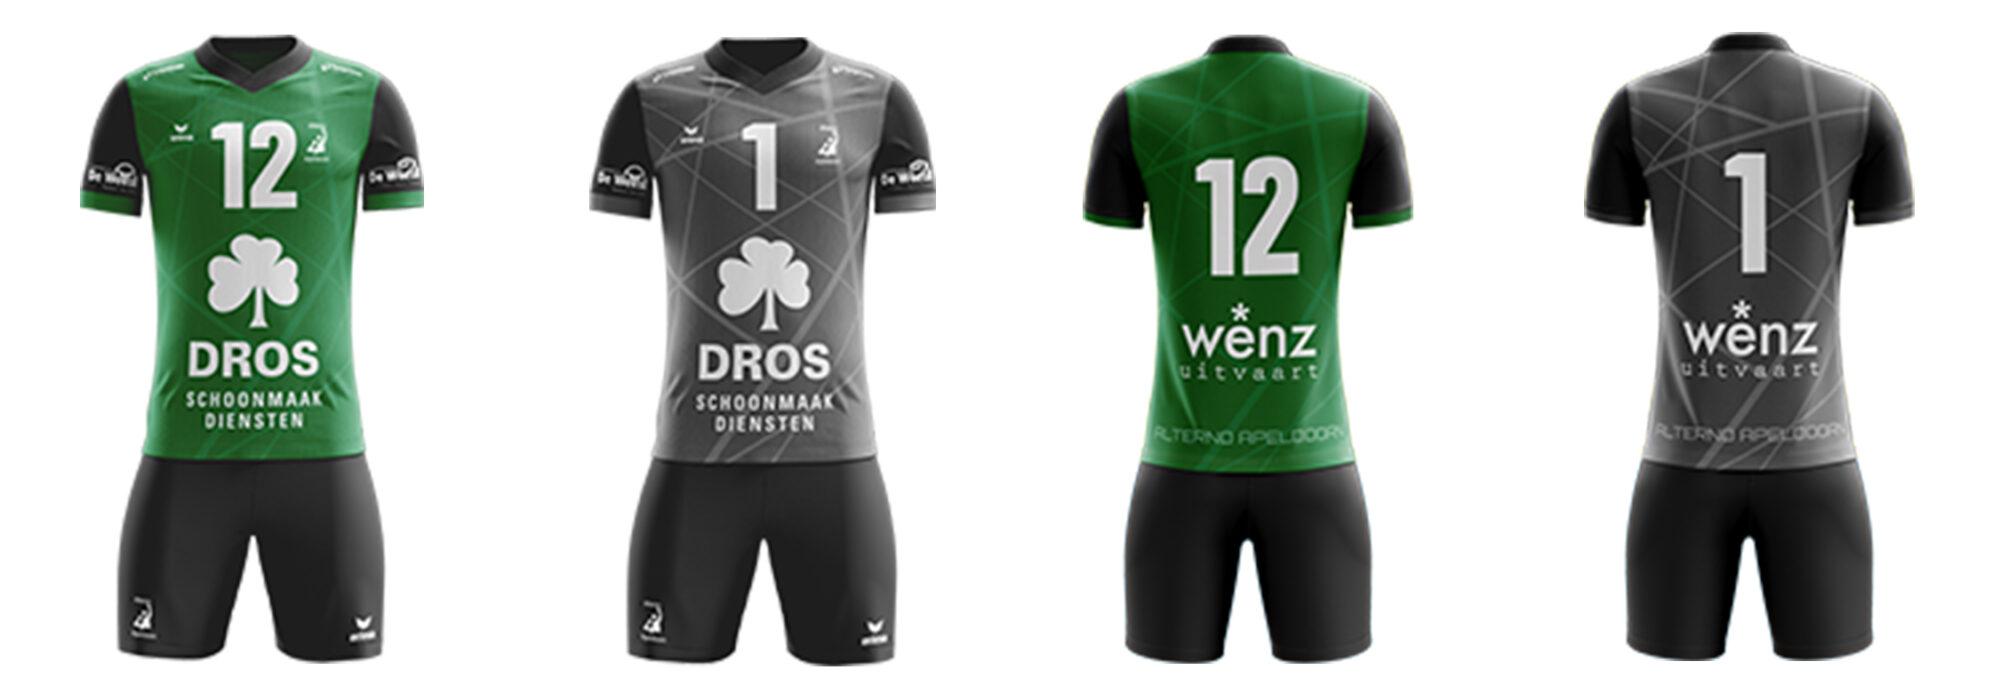 Nieuwe kledinglijn voor DROS Alterno